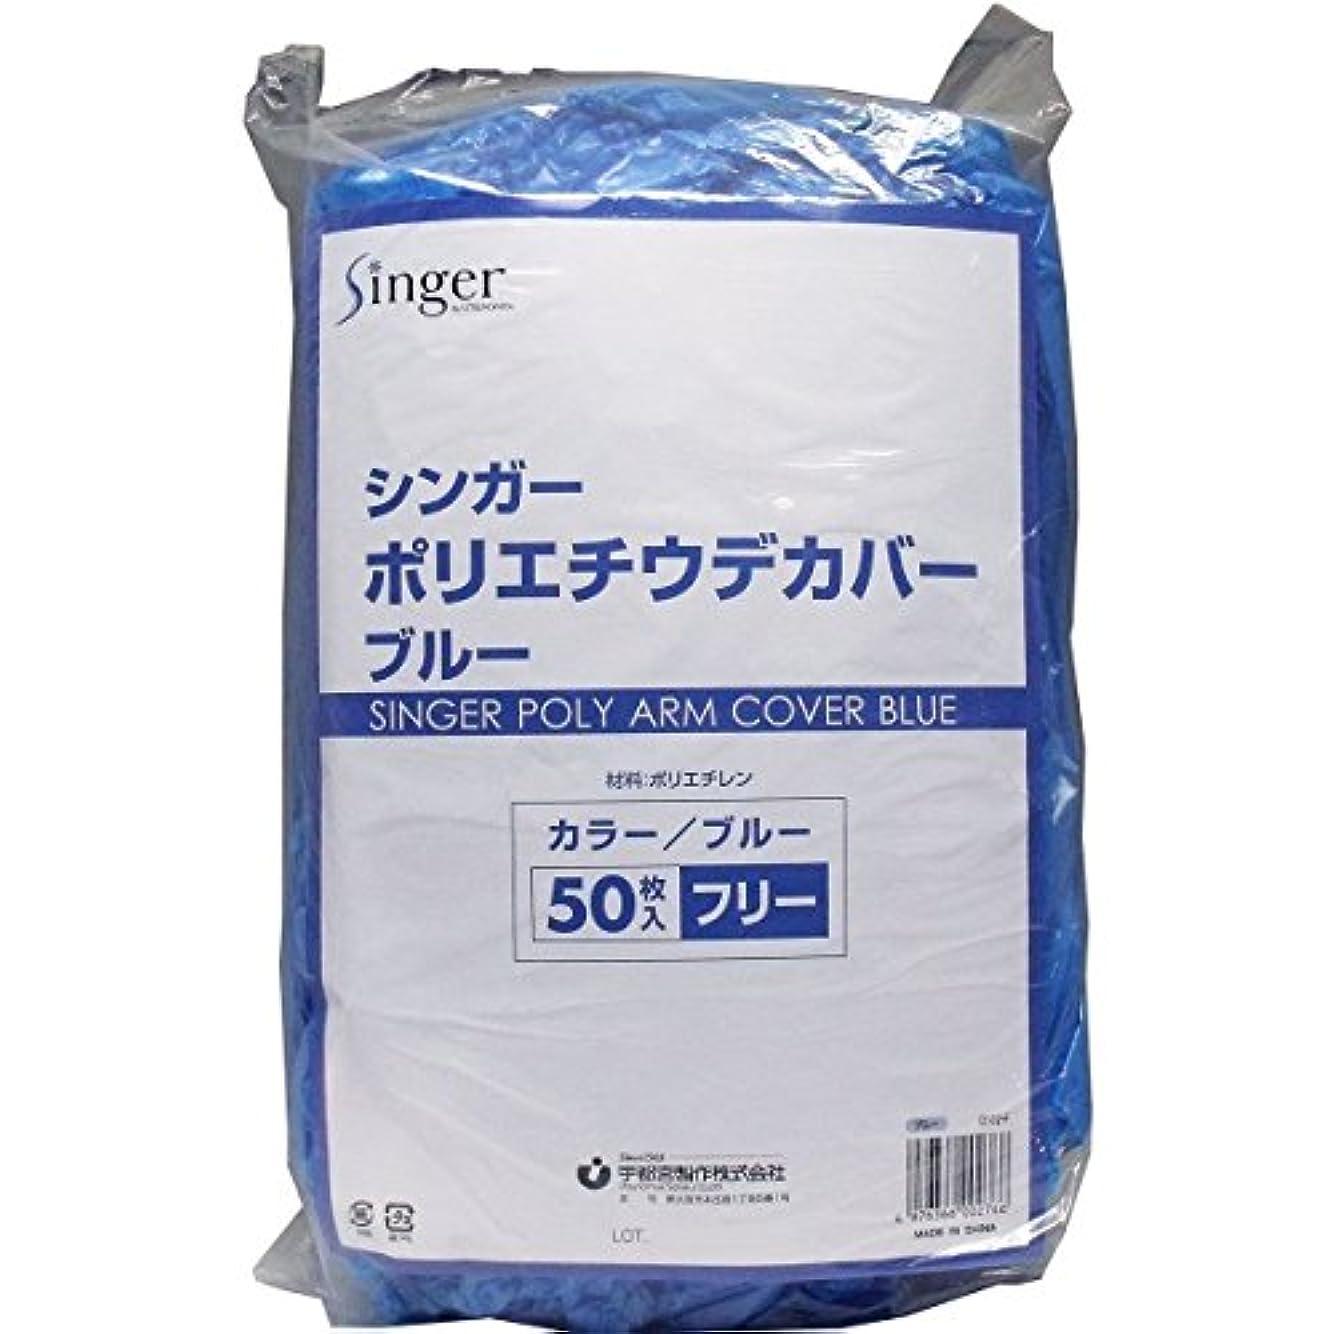 パンダアデレードしてはいけないシンガー ポリエチウデカバー (腕カバー) ブルー フリーサイズ 1000枚入り 50枚x20袋